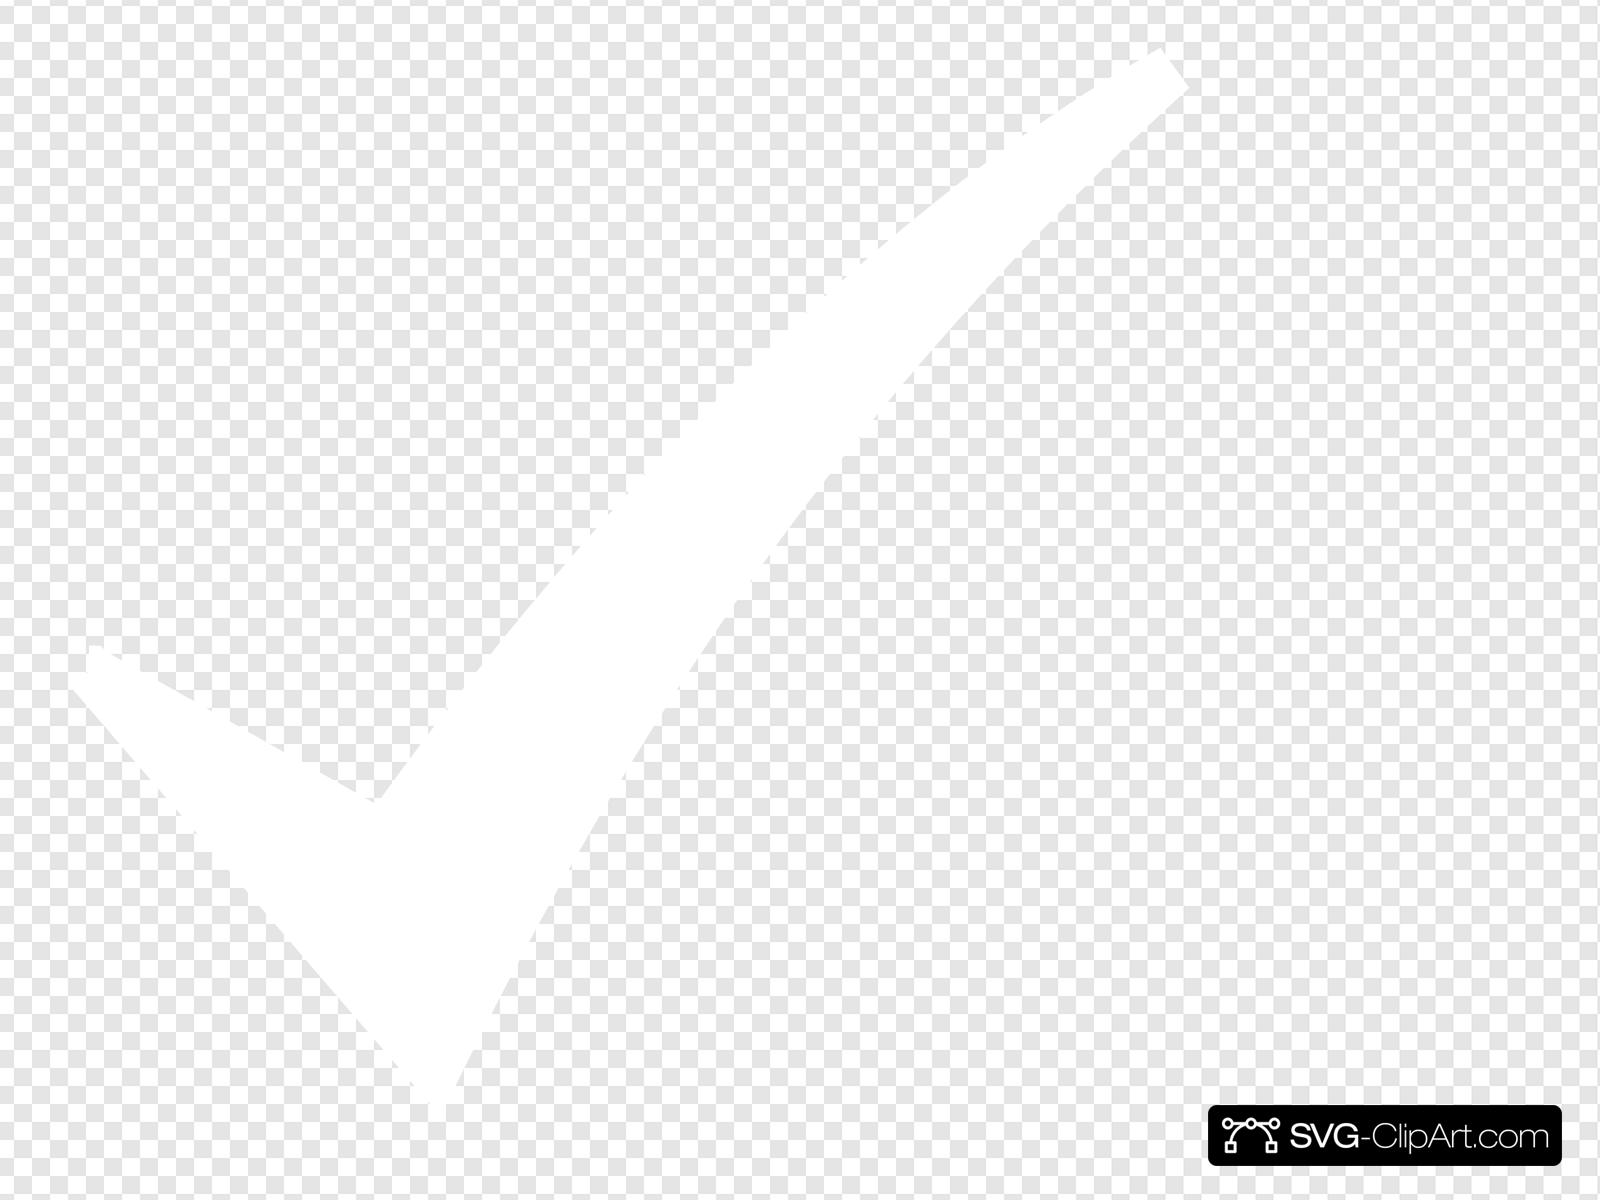 White Check Mark Clip art, Icon and SVG.